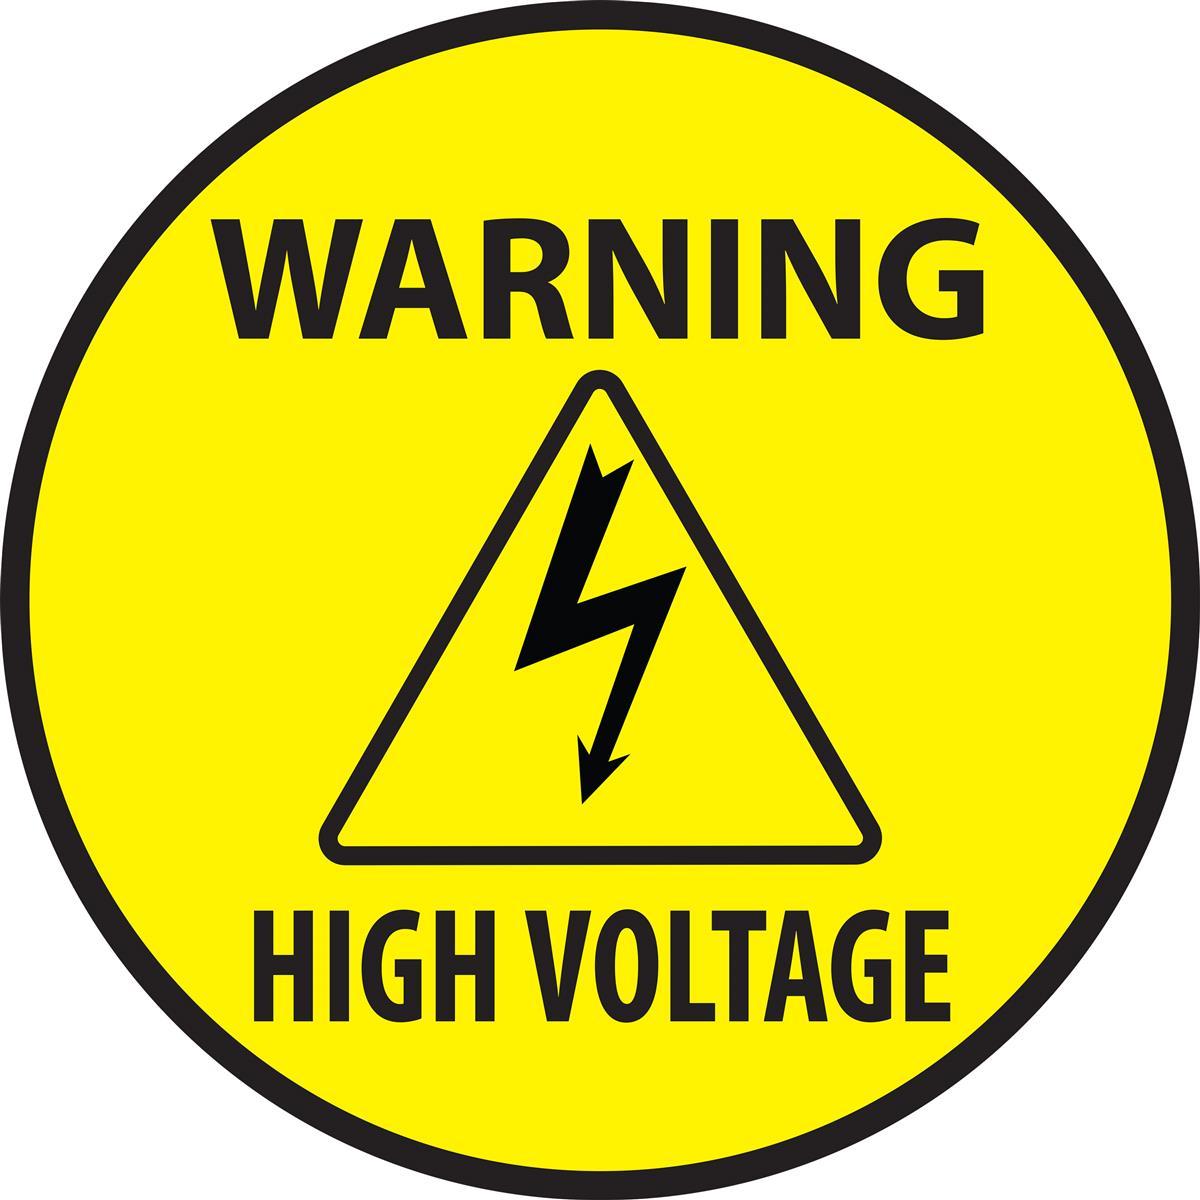 high voltage warning safety decal pre printed vinyl signage. Black Bedroom Furniture Sets. Home Design Ideas